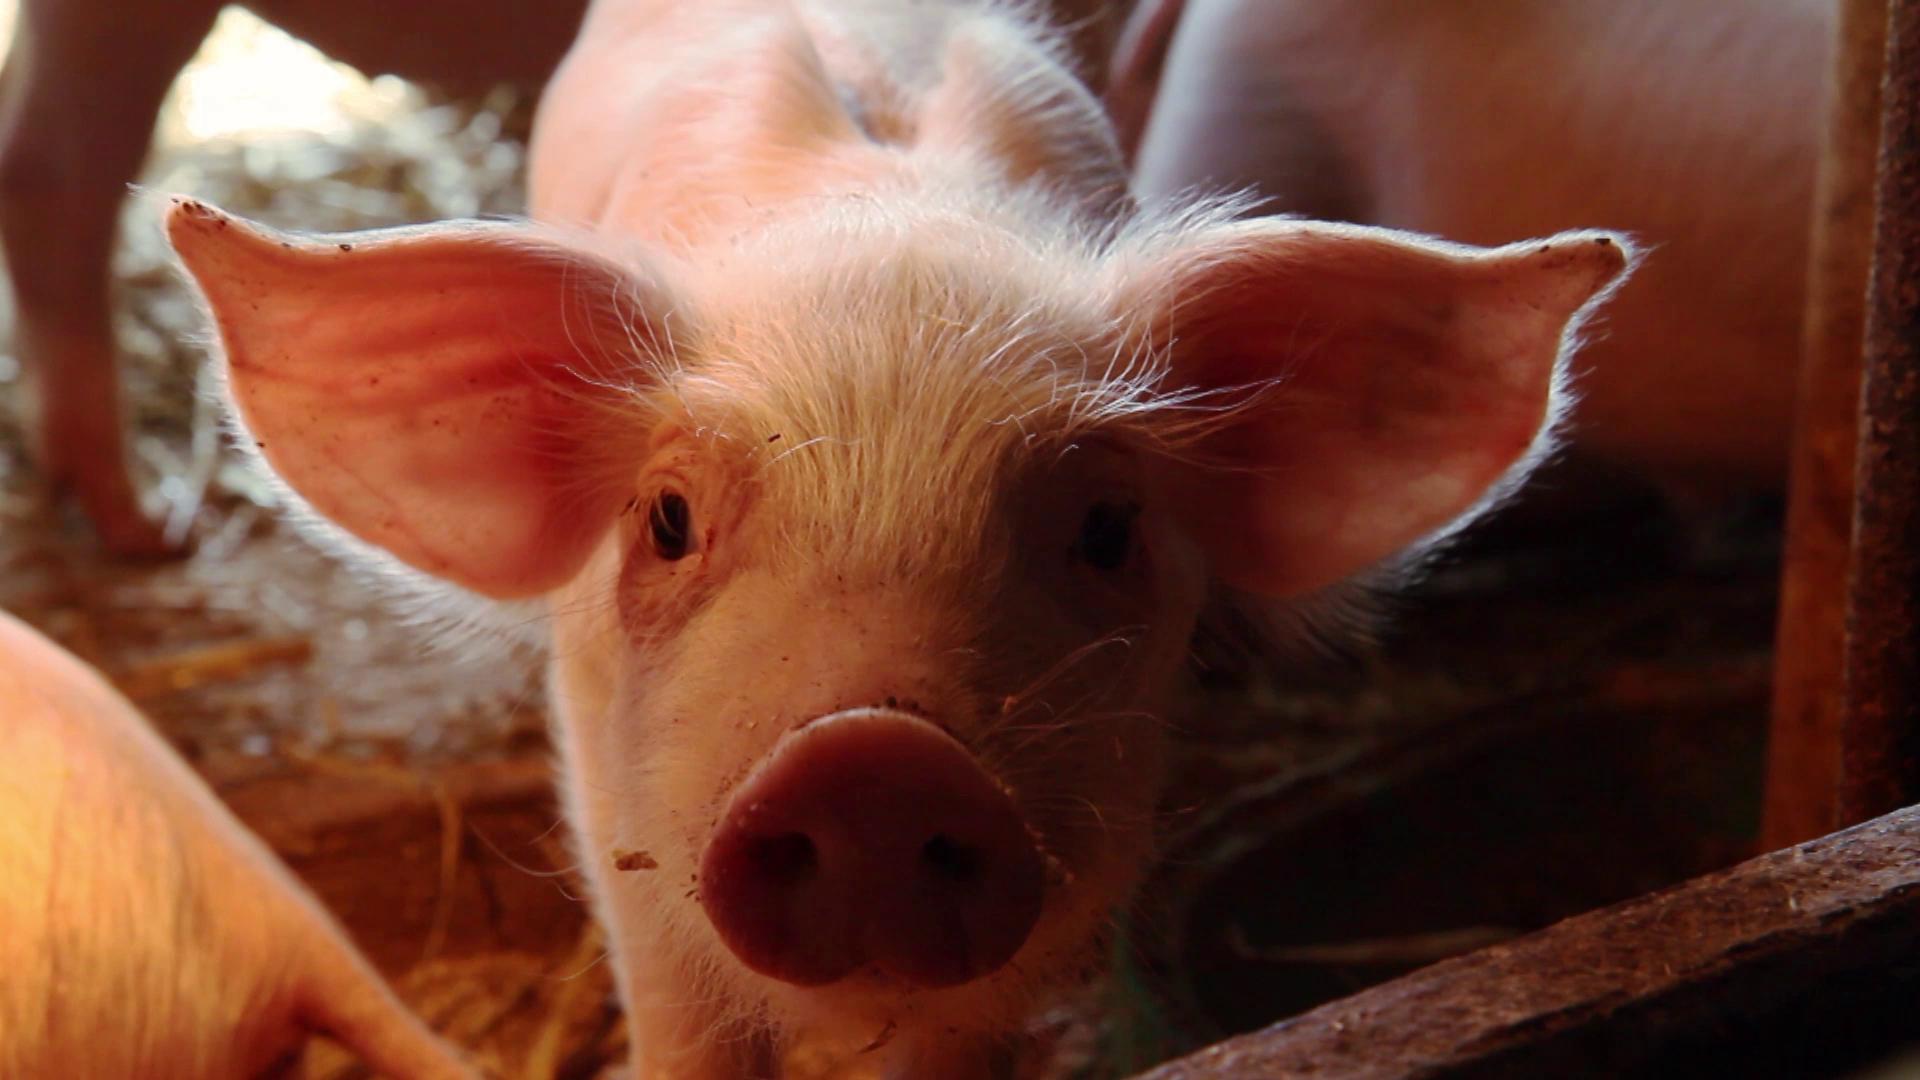 Mattilan luomutilan pikkupossu.  Lue lisää luomueläinten hyvinvoinnista täältä: http://luomunjuuret.fi/hyvaa-elaimille/